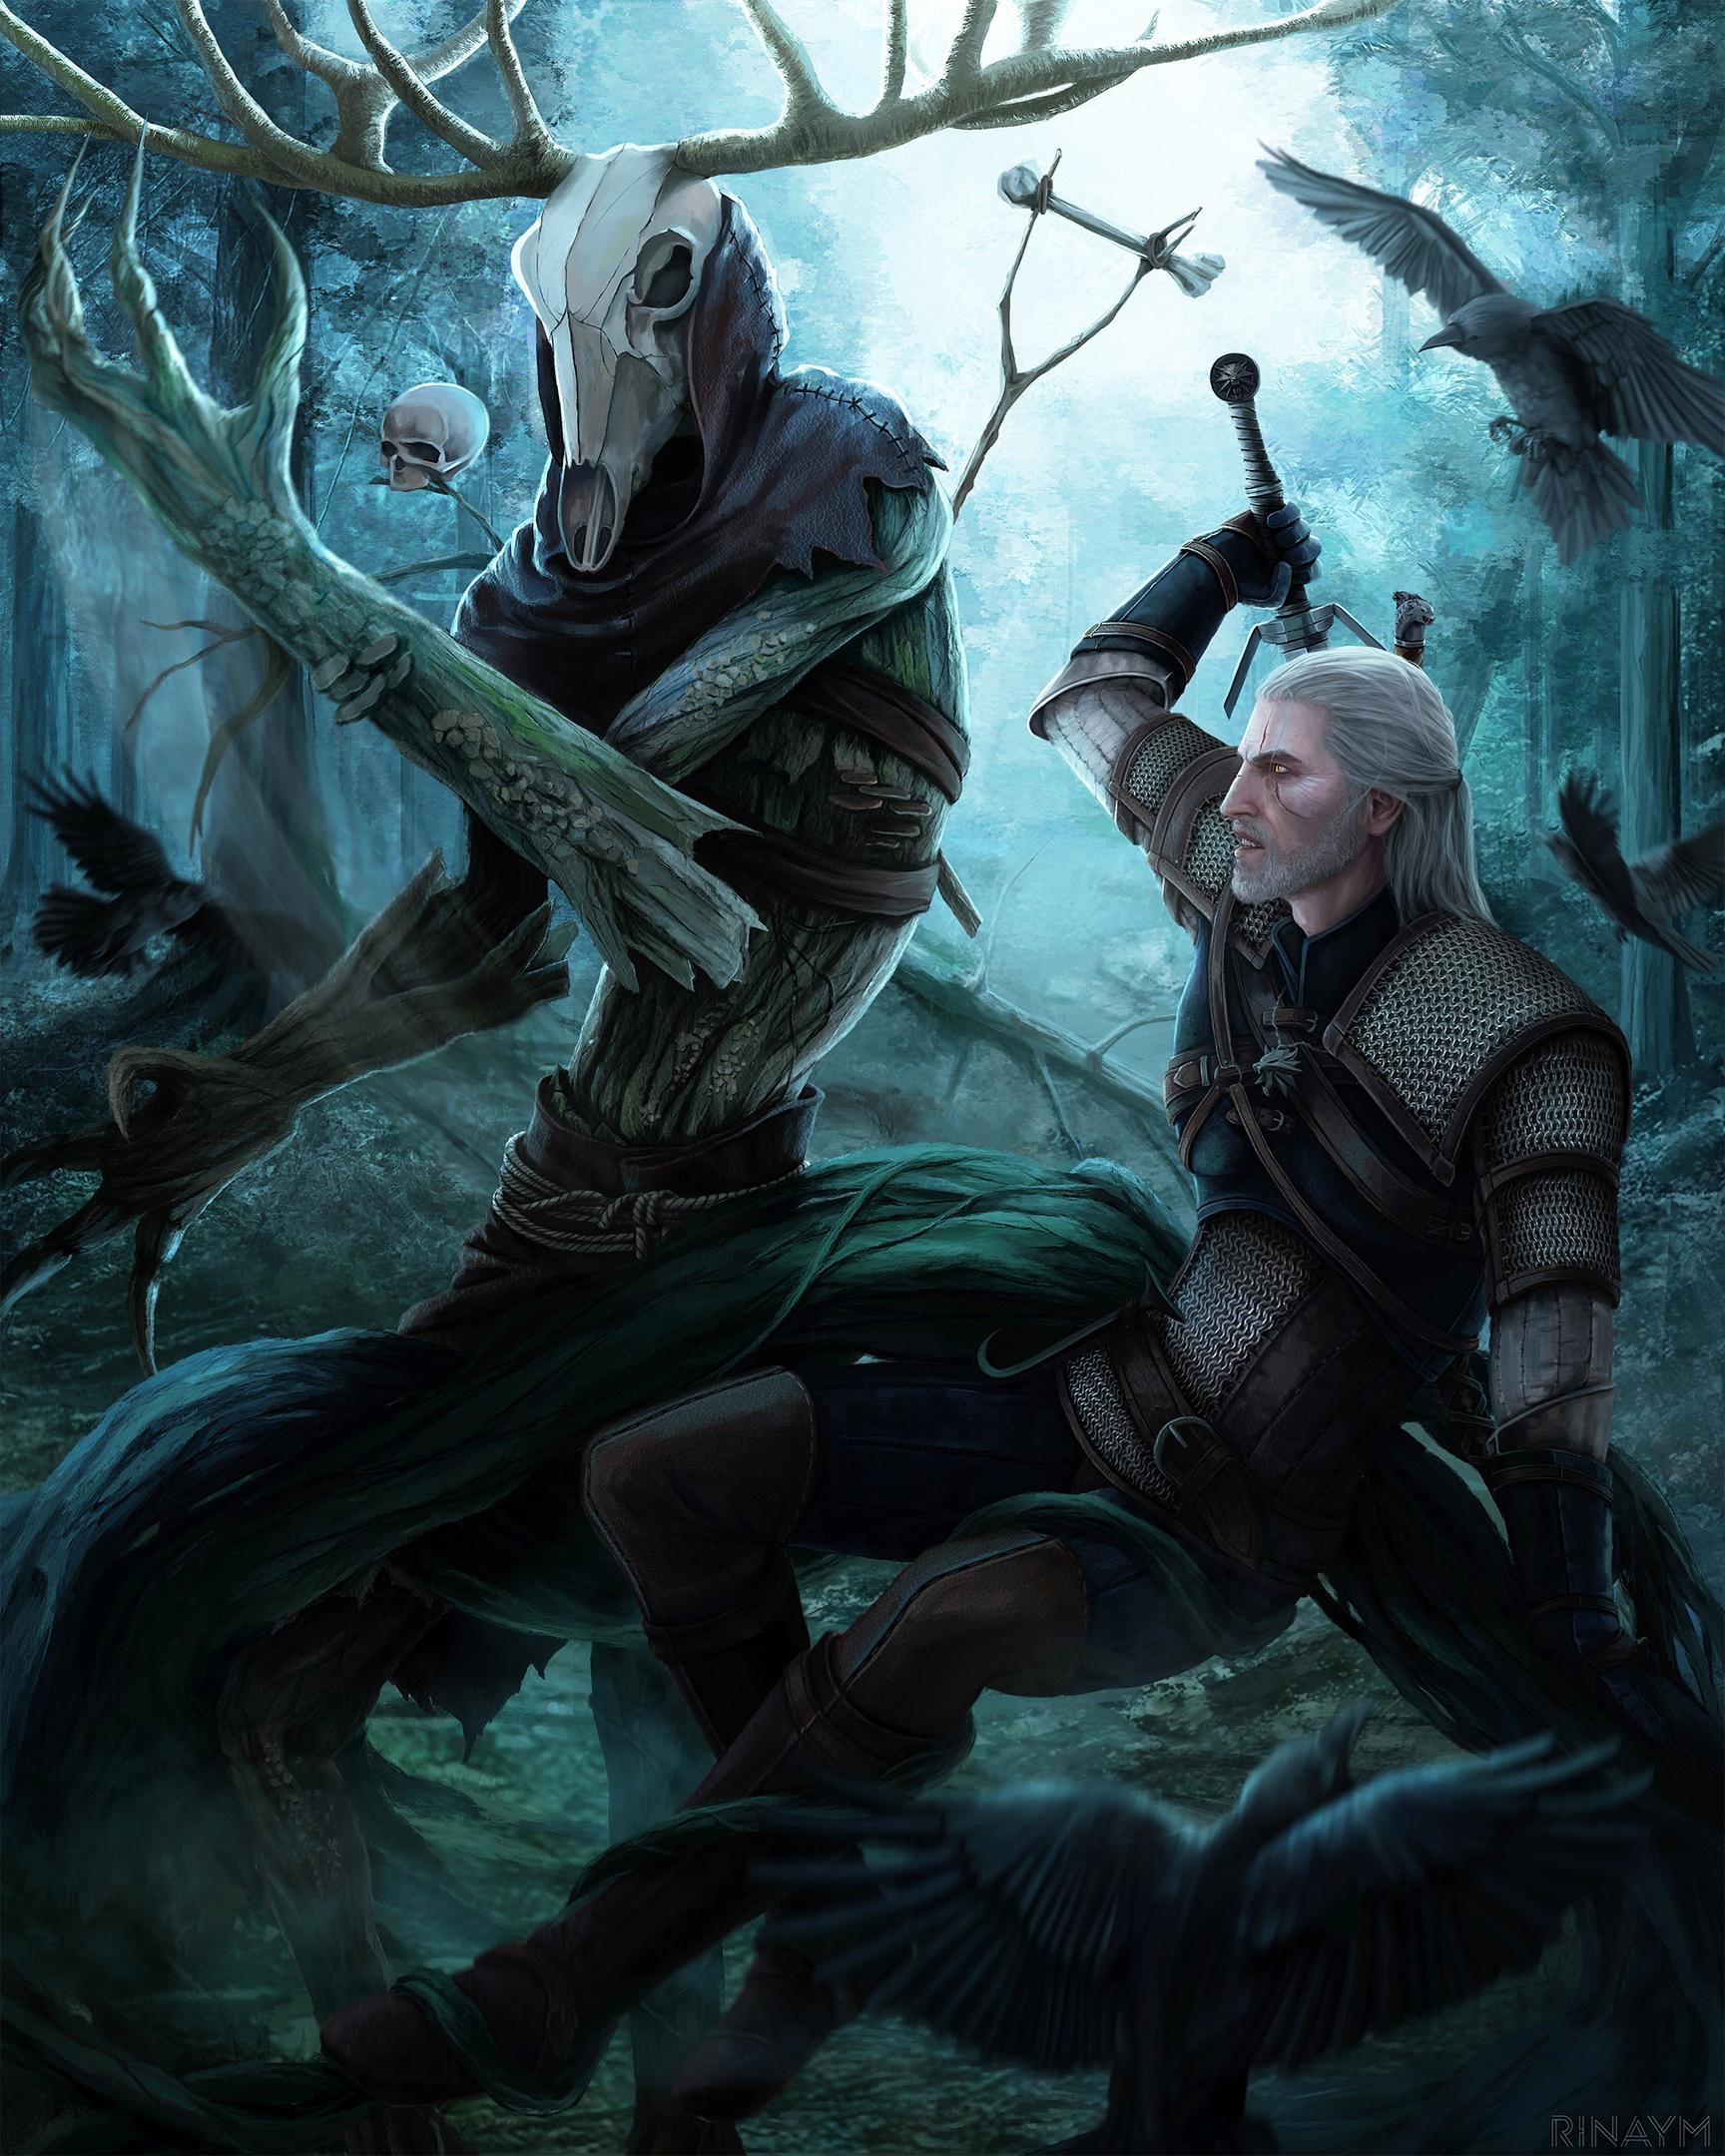 VEw9PmYqogQ.jpg - The Witcher 3: Wild Hunt